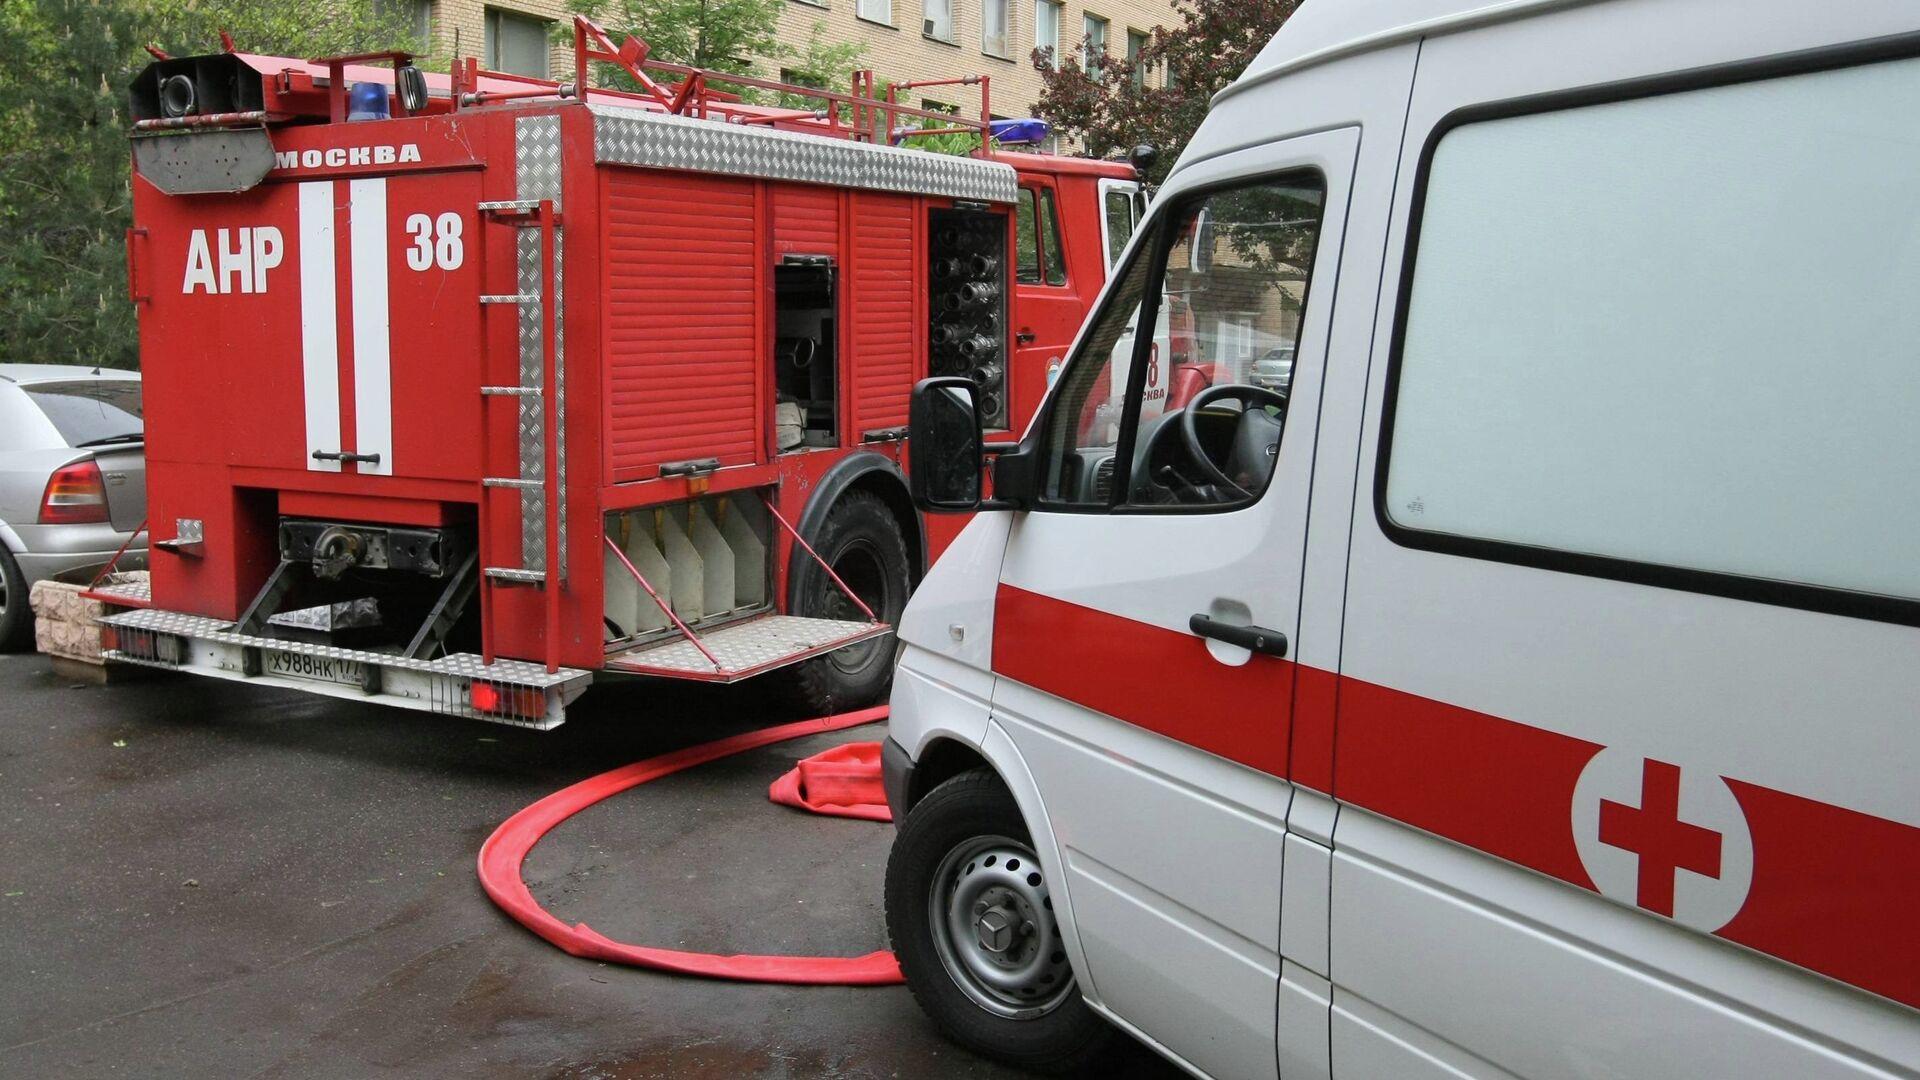 399478170 0:64:2847:1665 1920x0 80 0 0 e7ba6ffc40fcf789715b91a5c44b3f6b - При пожаре в квартире на западе Москвы погиб один человек